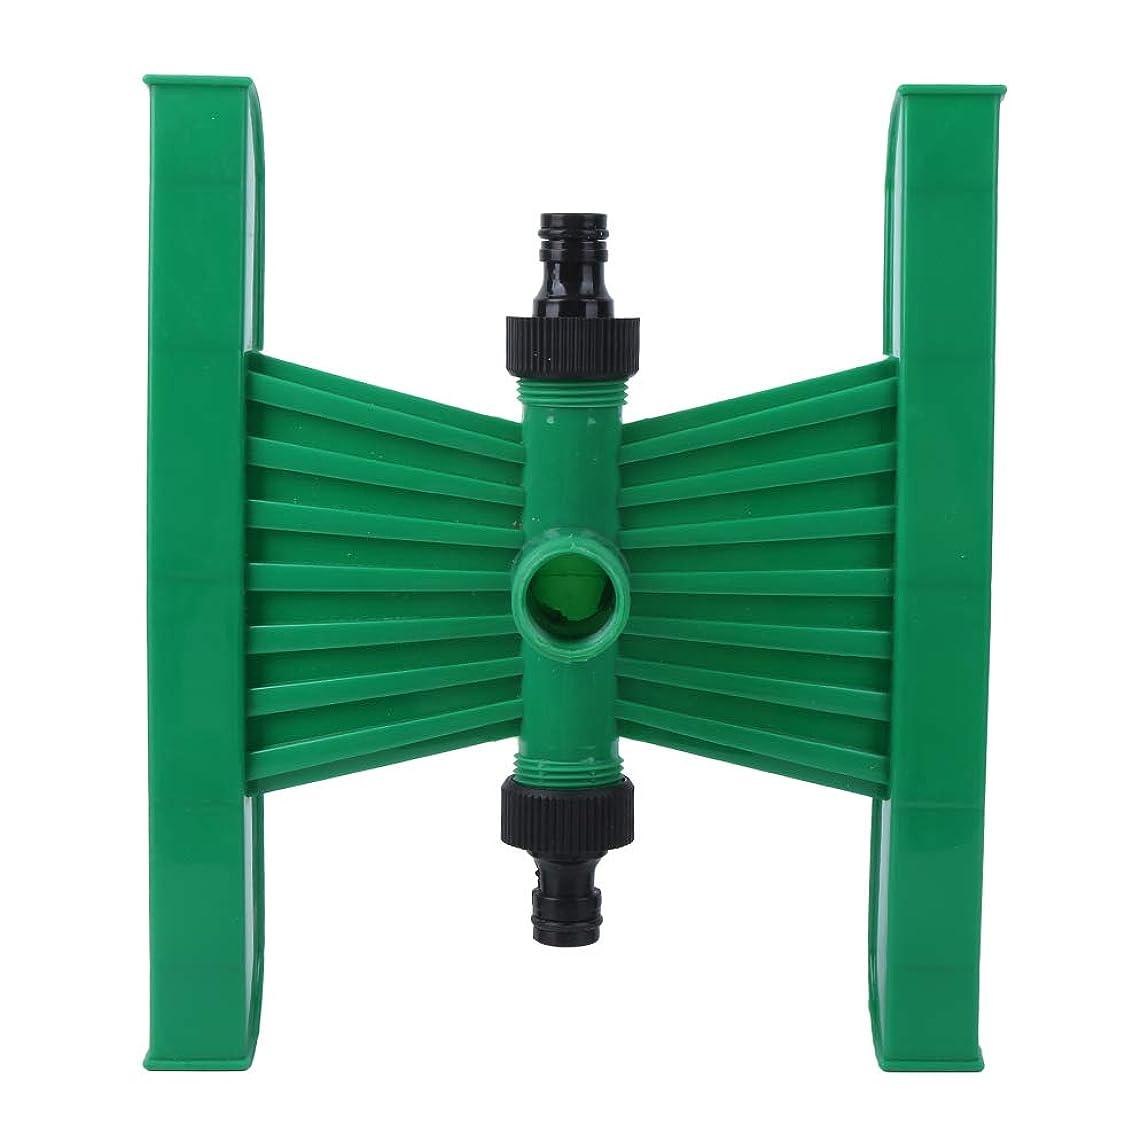 圧力シェアできない灌漑付属品、スプリンクラーベース、安定したG3 / 4インチおねじ便利なG1 / 2の芝生ガーデン用めねじ